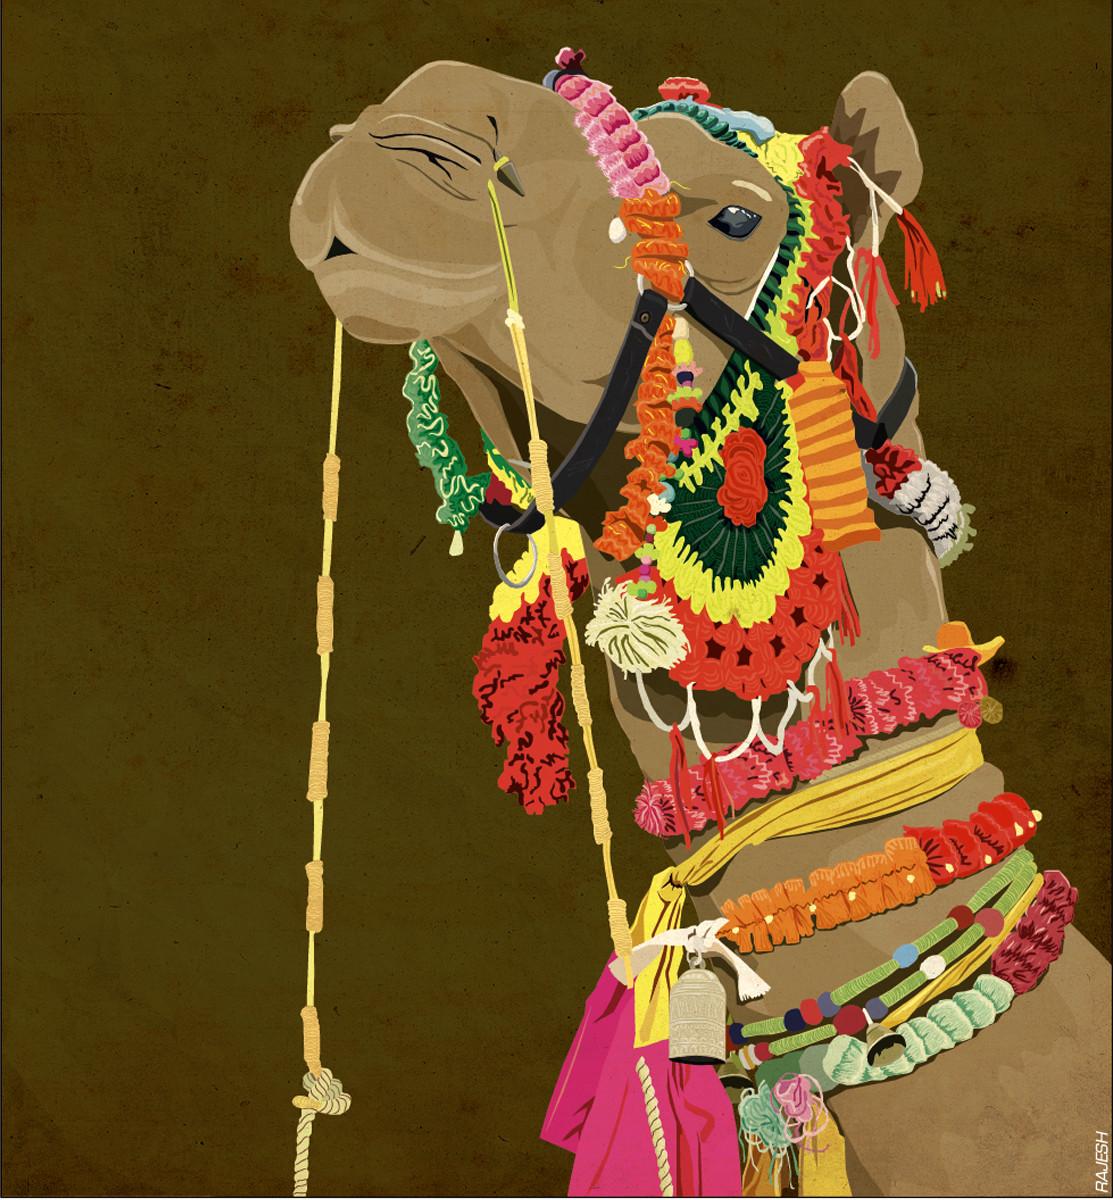 Rajesh sawant camel closeup